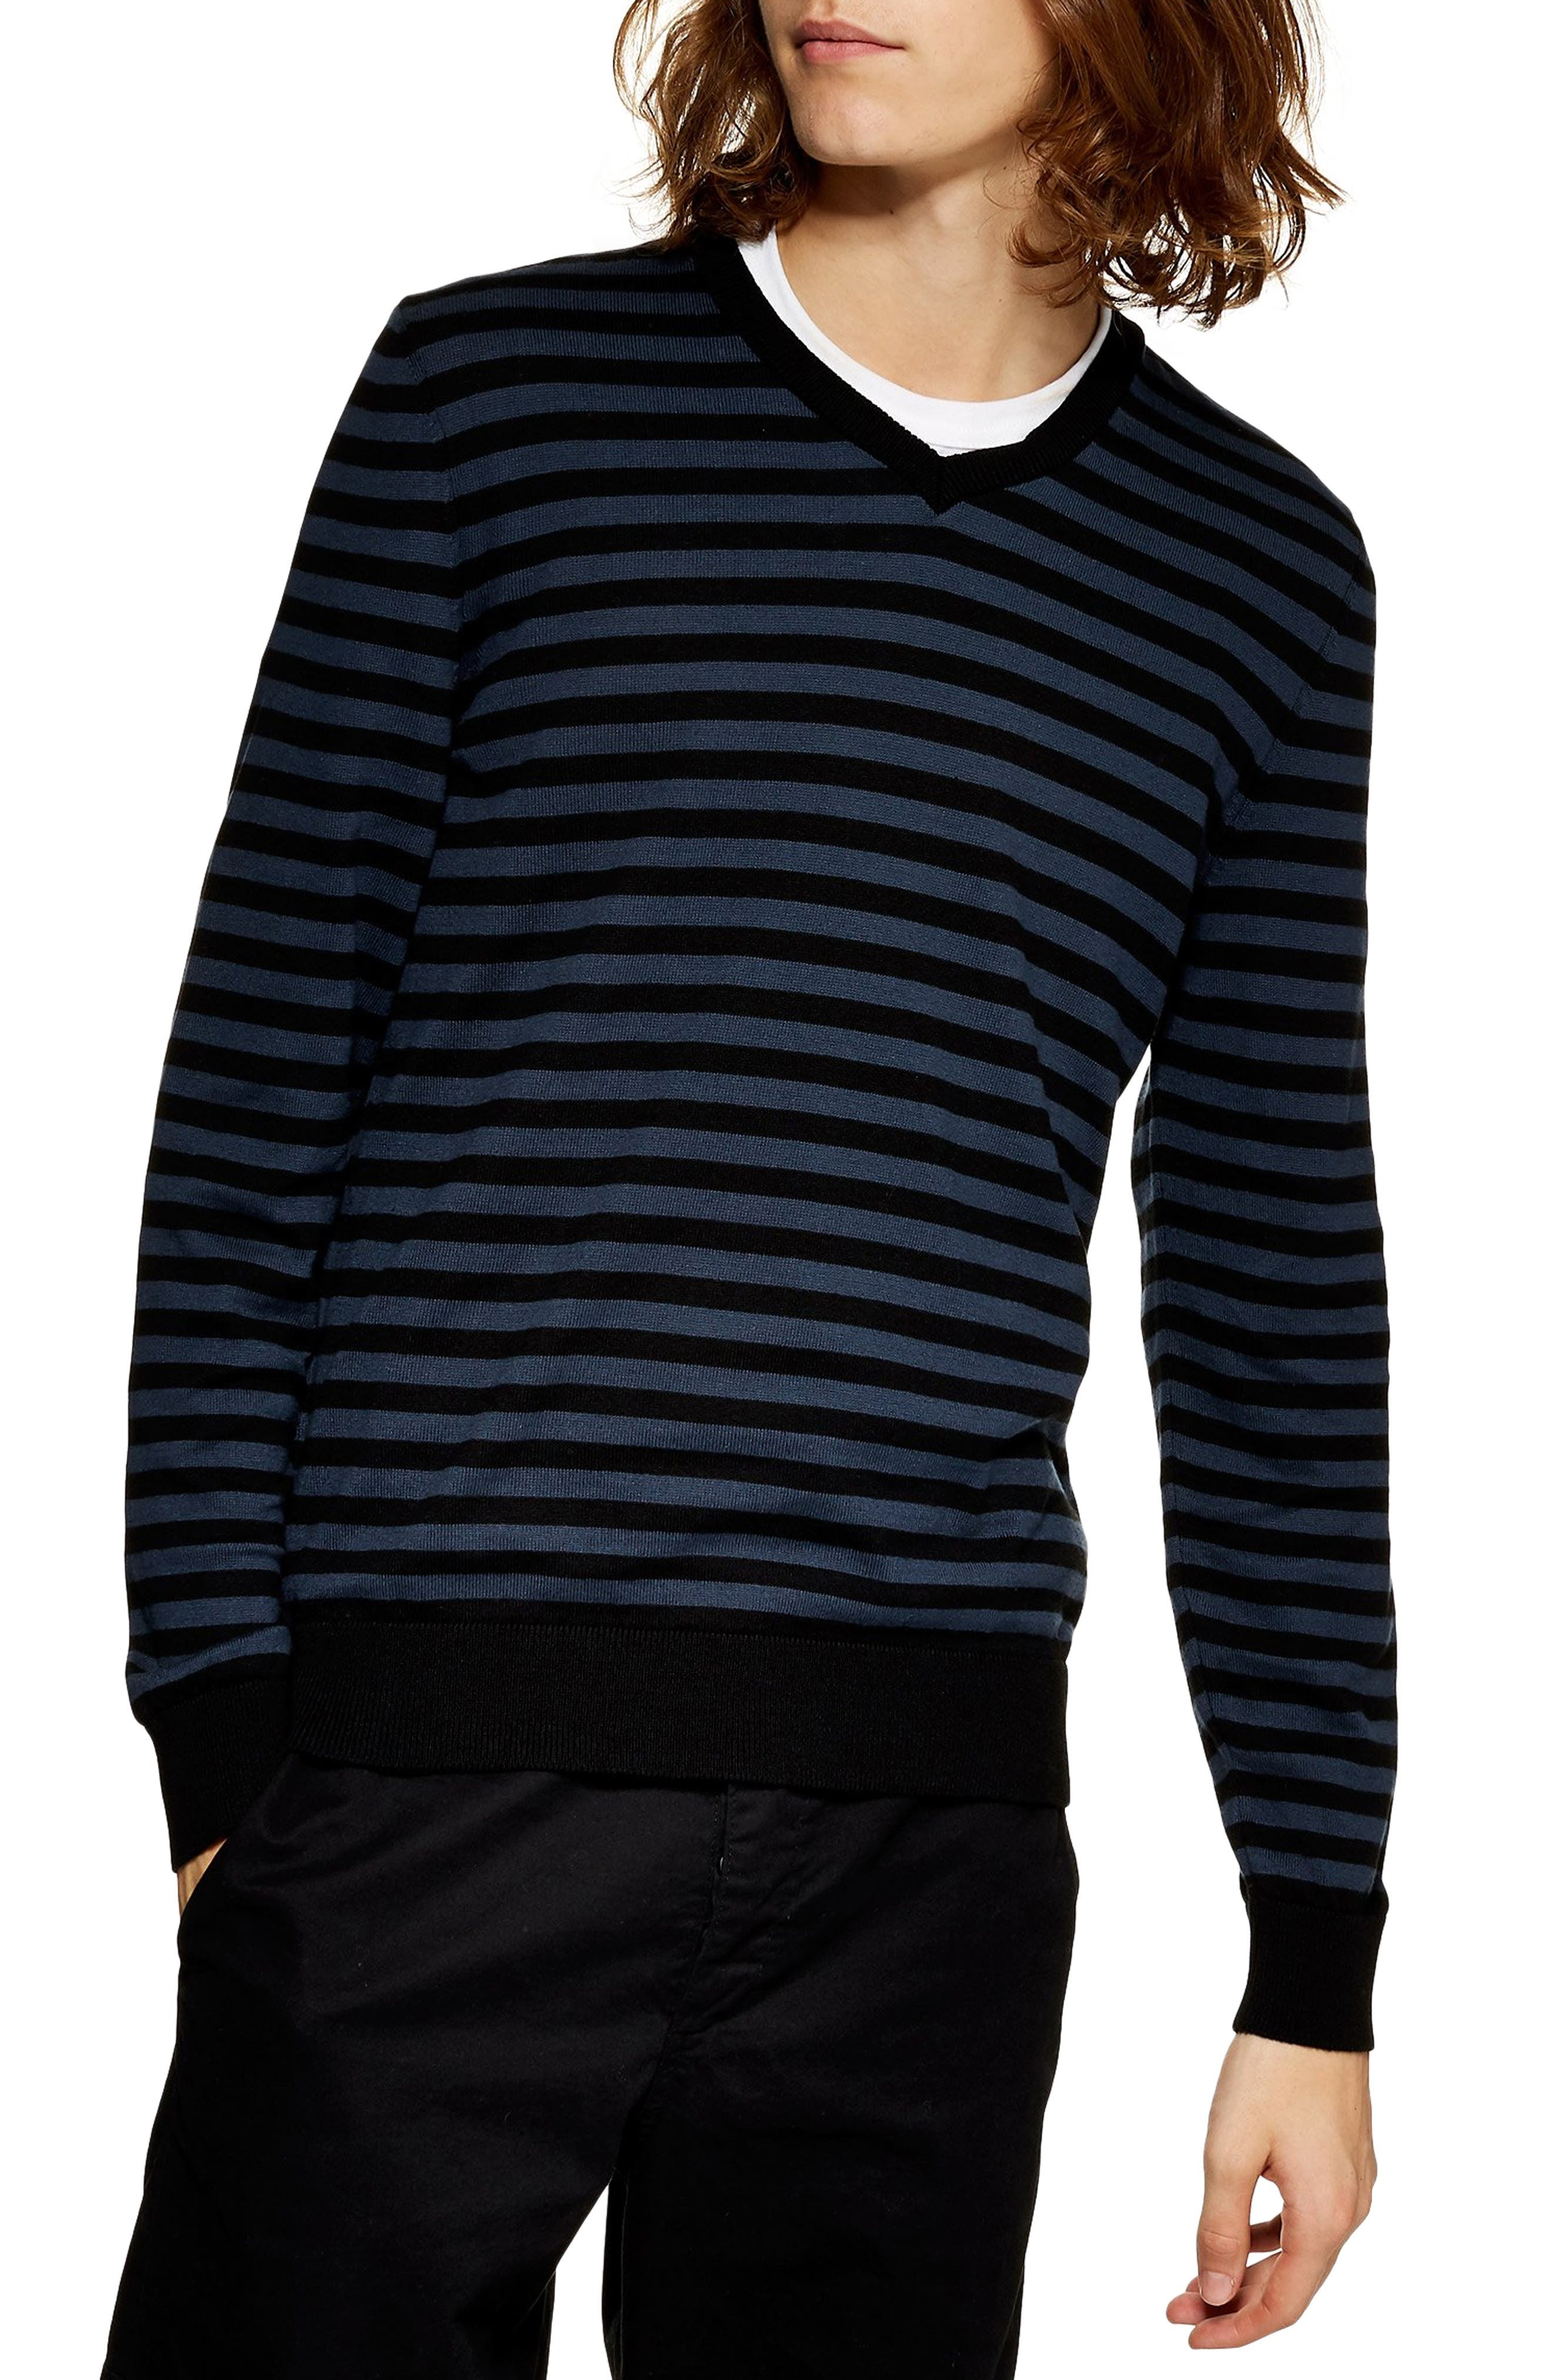 TOPMAN, Stripe V-Neck Sweater, Main thumbnail 1, color, BLUE MULTI